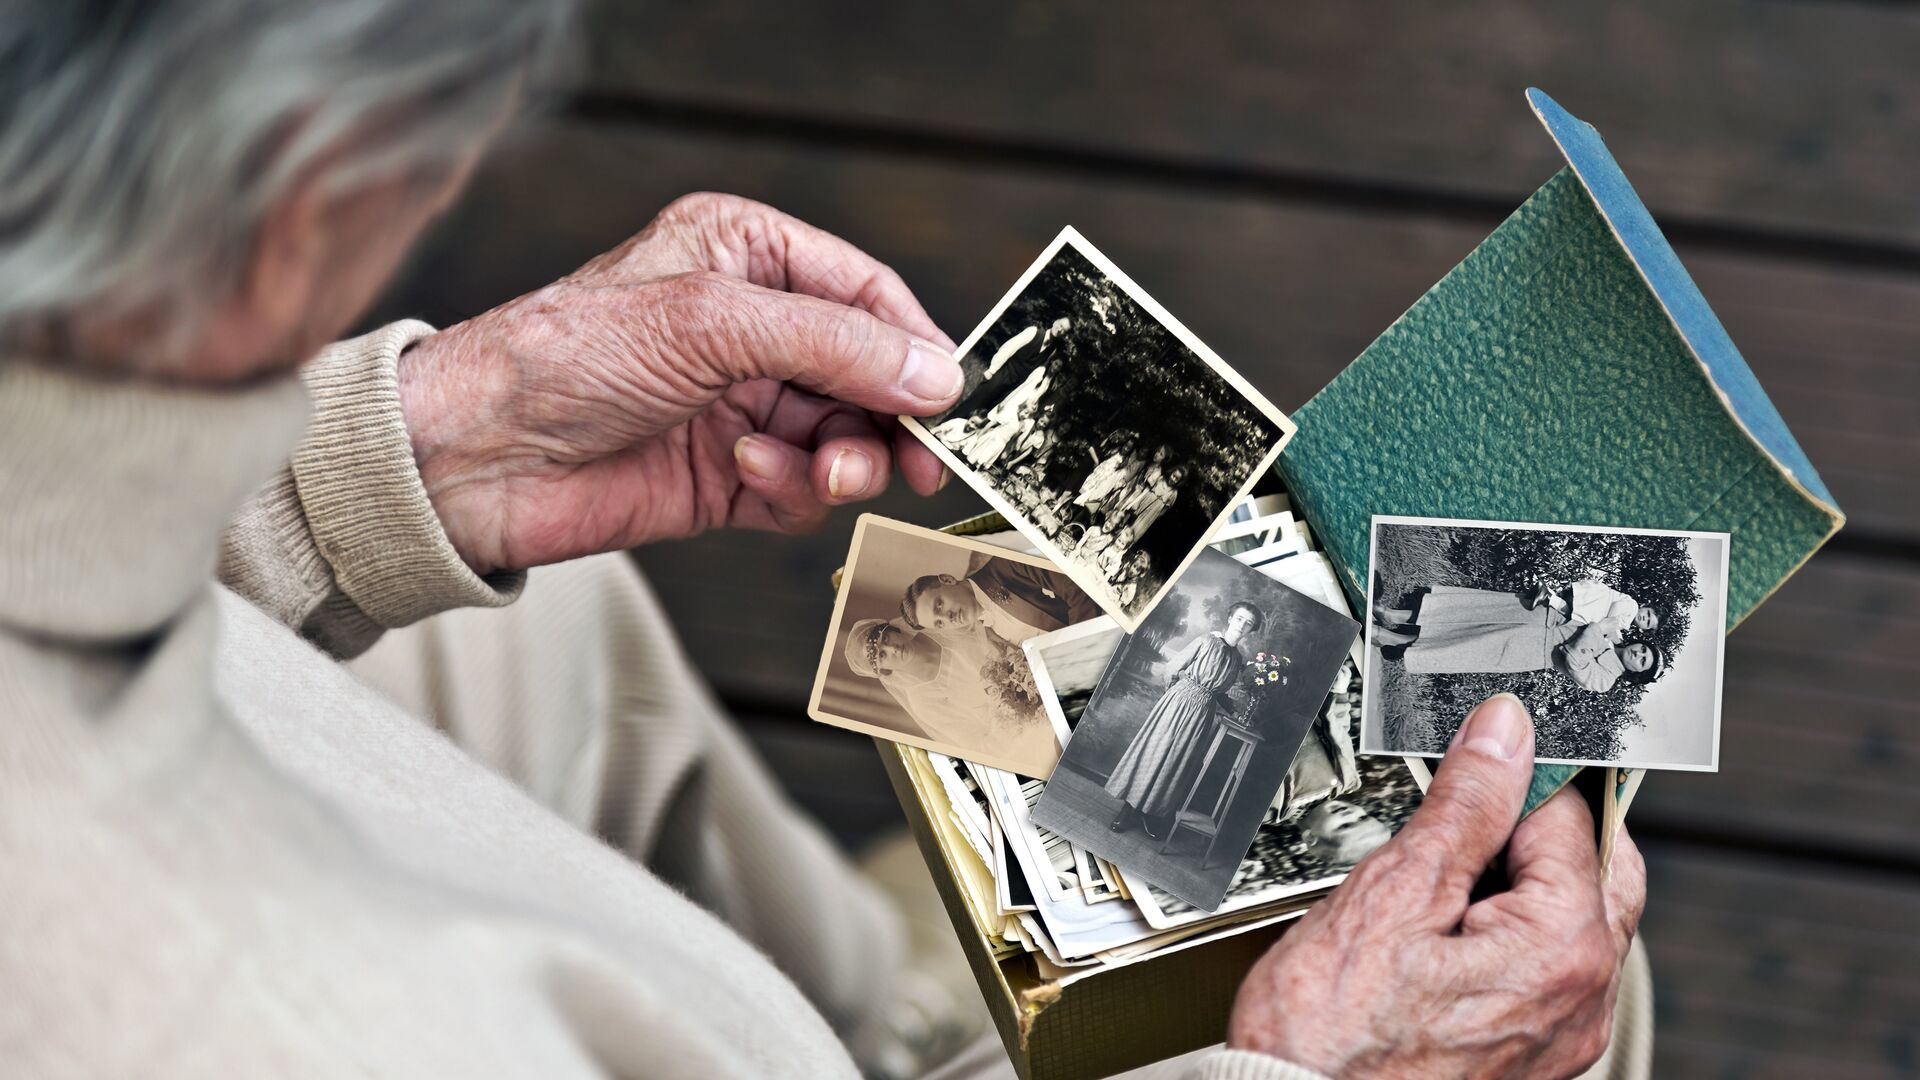 Пожилой человек рассматривает фотографии - РИА Новости, 1920, 11.06.2021